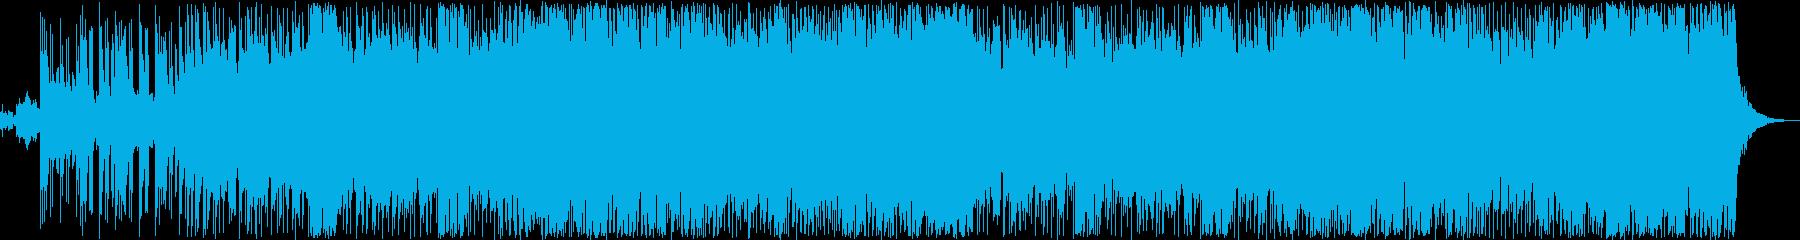 希望を感じるミステリーBGMの再生済みの波形